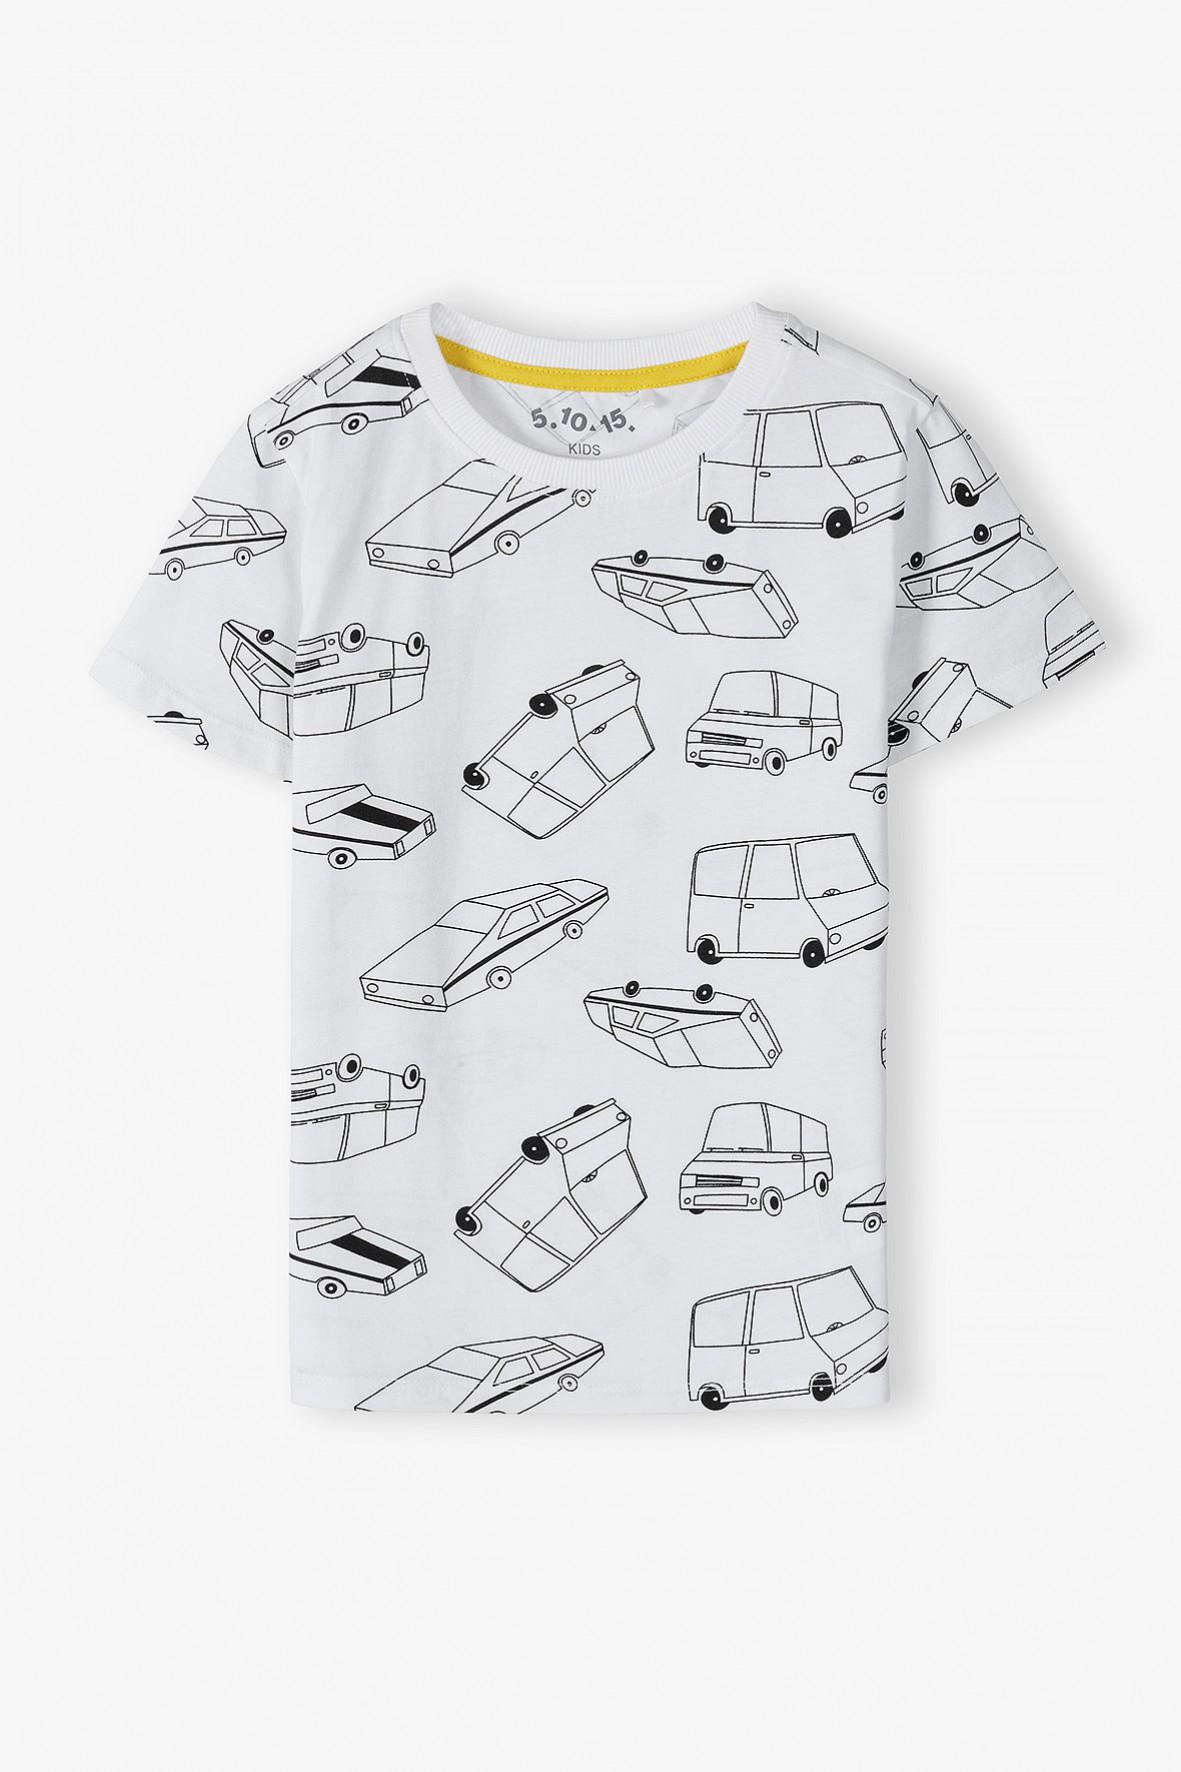 Bawełniany t-shirt chłopięcy w kolorze białym z samochodami